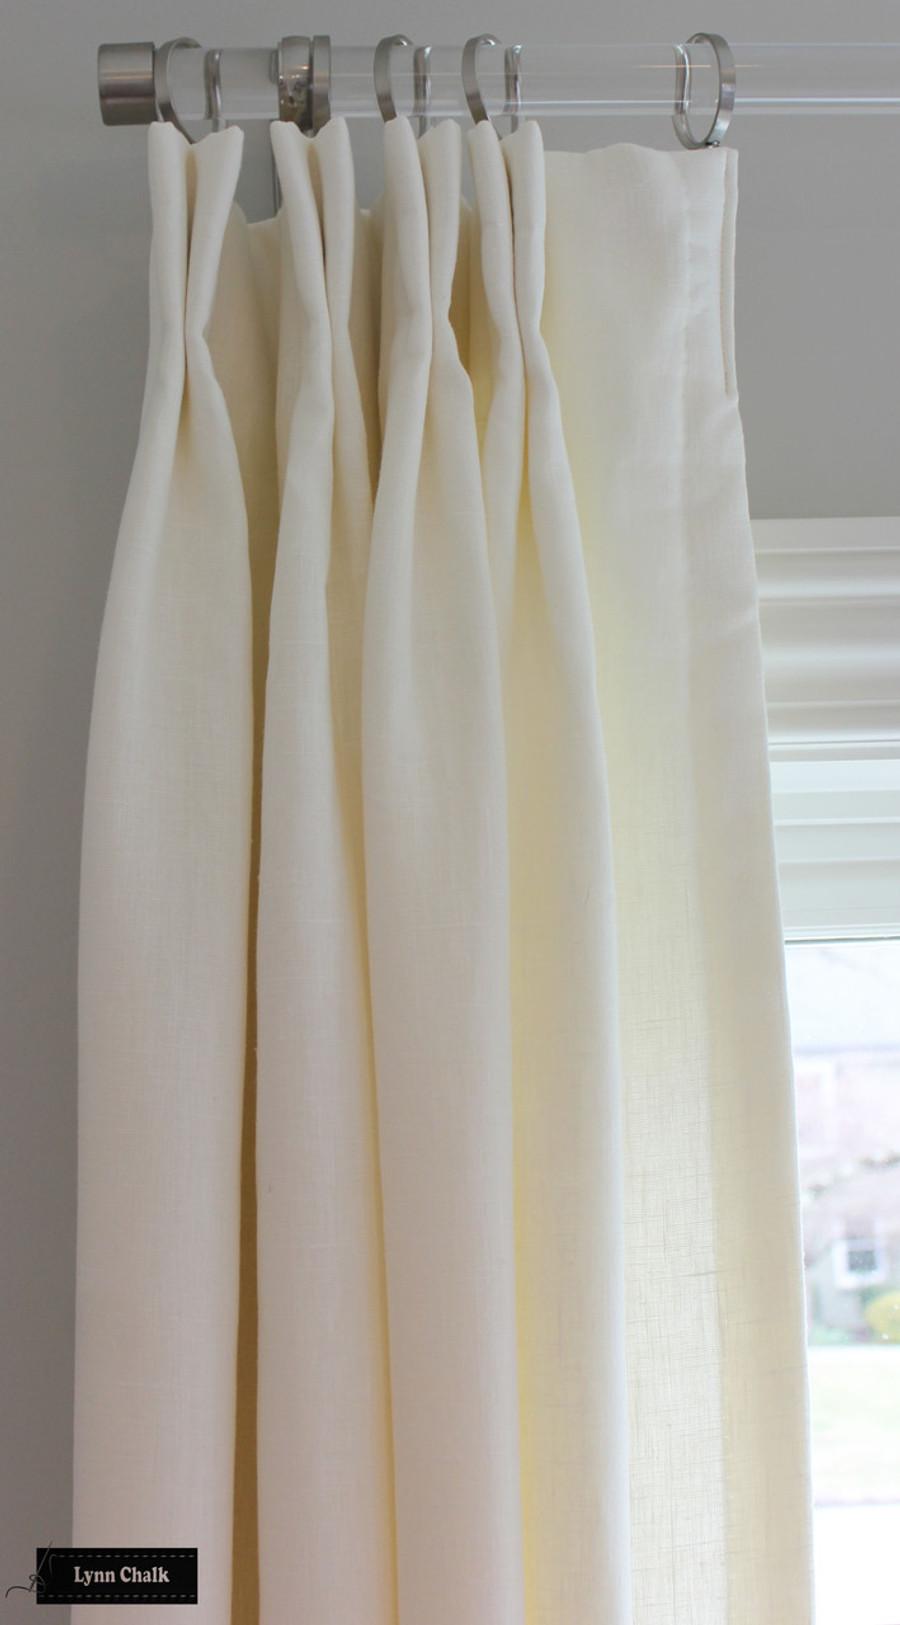 Drapes in Kravet Linen in Bleach.  Acrylic Rods by Ballard Design.